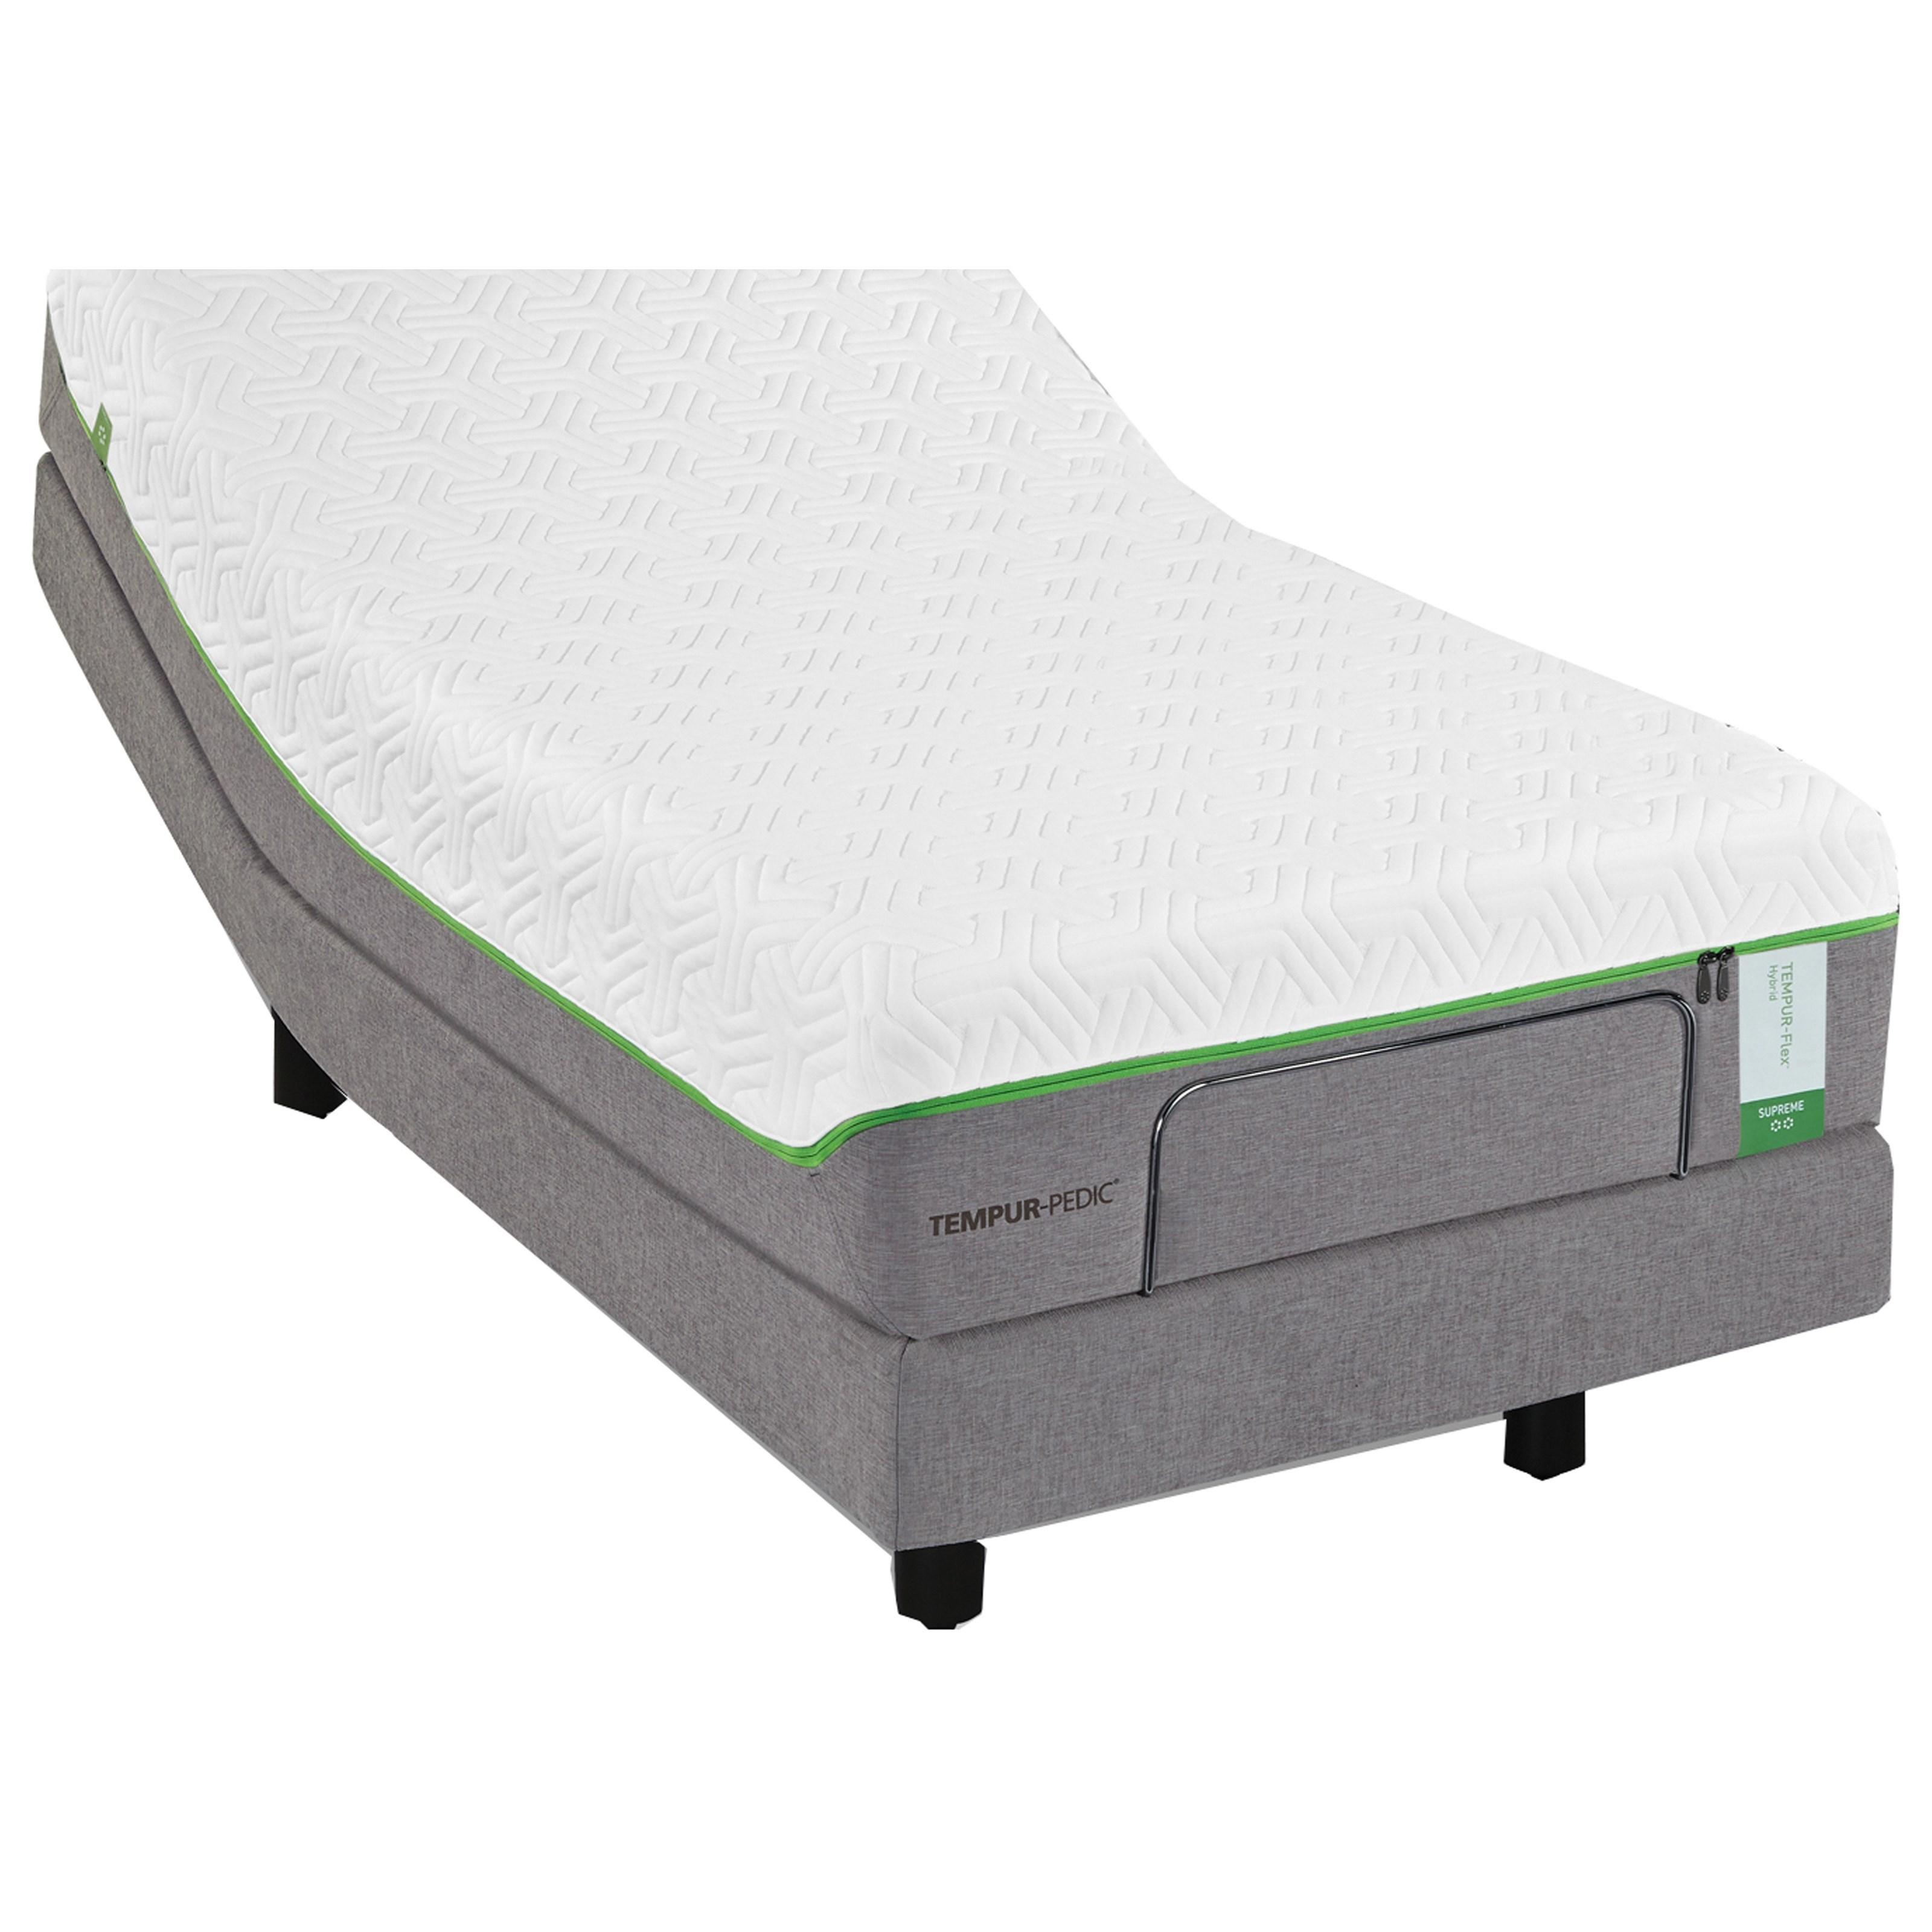 Tempur-Pedic® TEMPUR-Flex Elite Full Medium Soft Plush Mattress Set - Item Number: 10117130+25565230